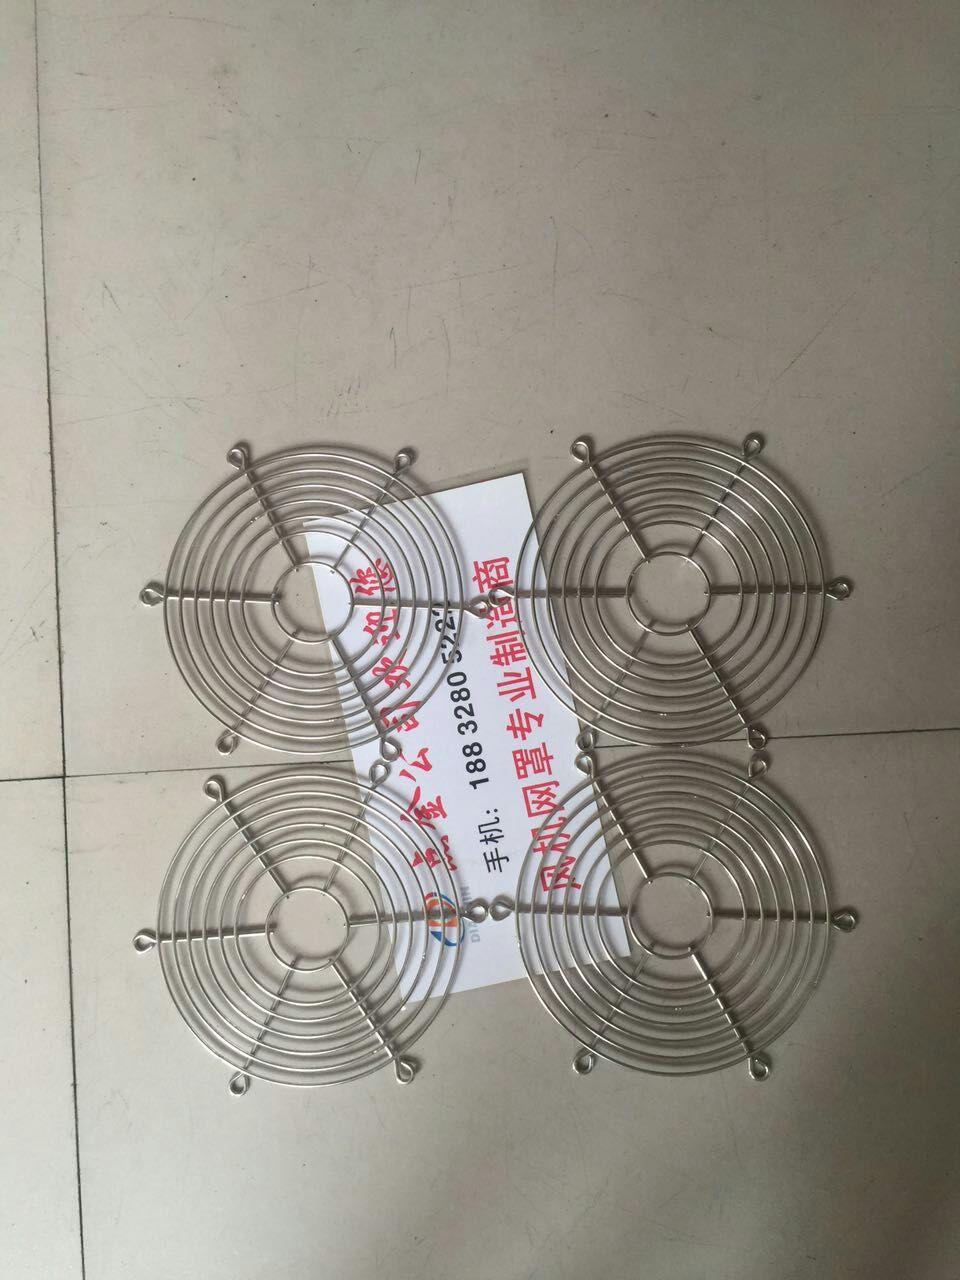 不锈钢风机罩_风机防护罩,不锈钢风机罩,吊扇防护罩,散热器防护罩厂家- 安平县 ...